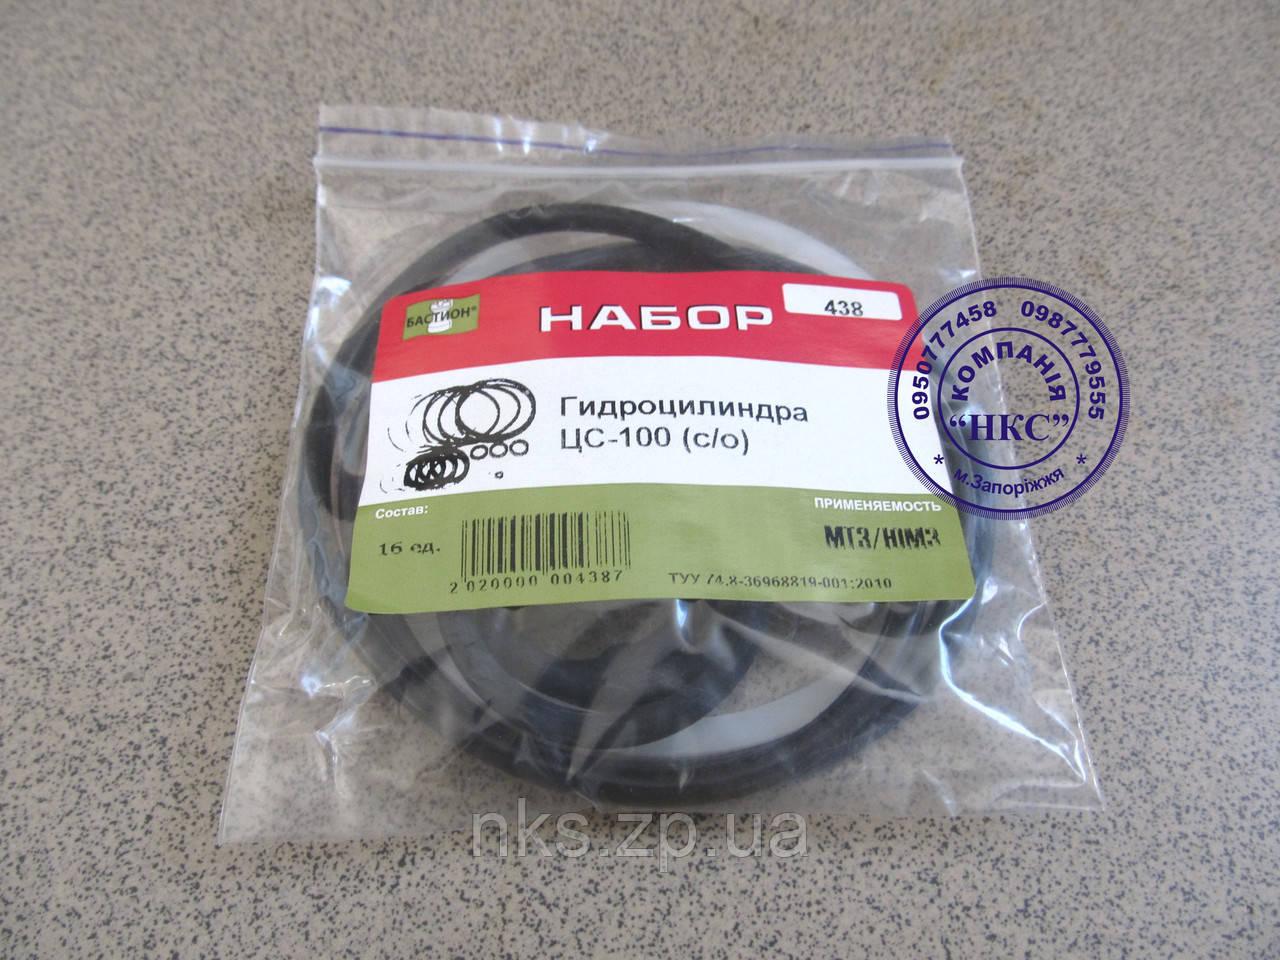 Ремонтний комплект гідроциліндра ЦС-100 старого зразка.